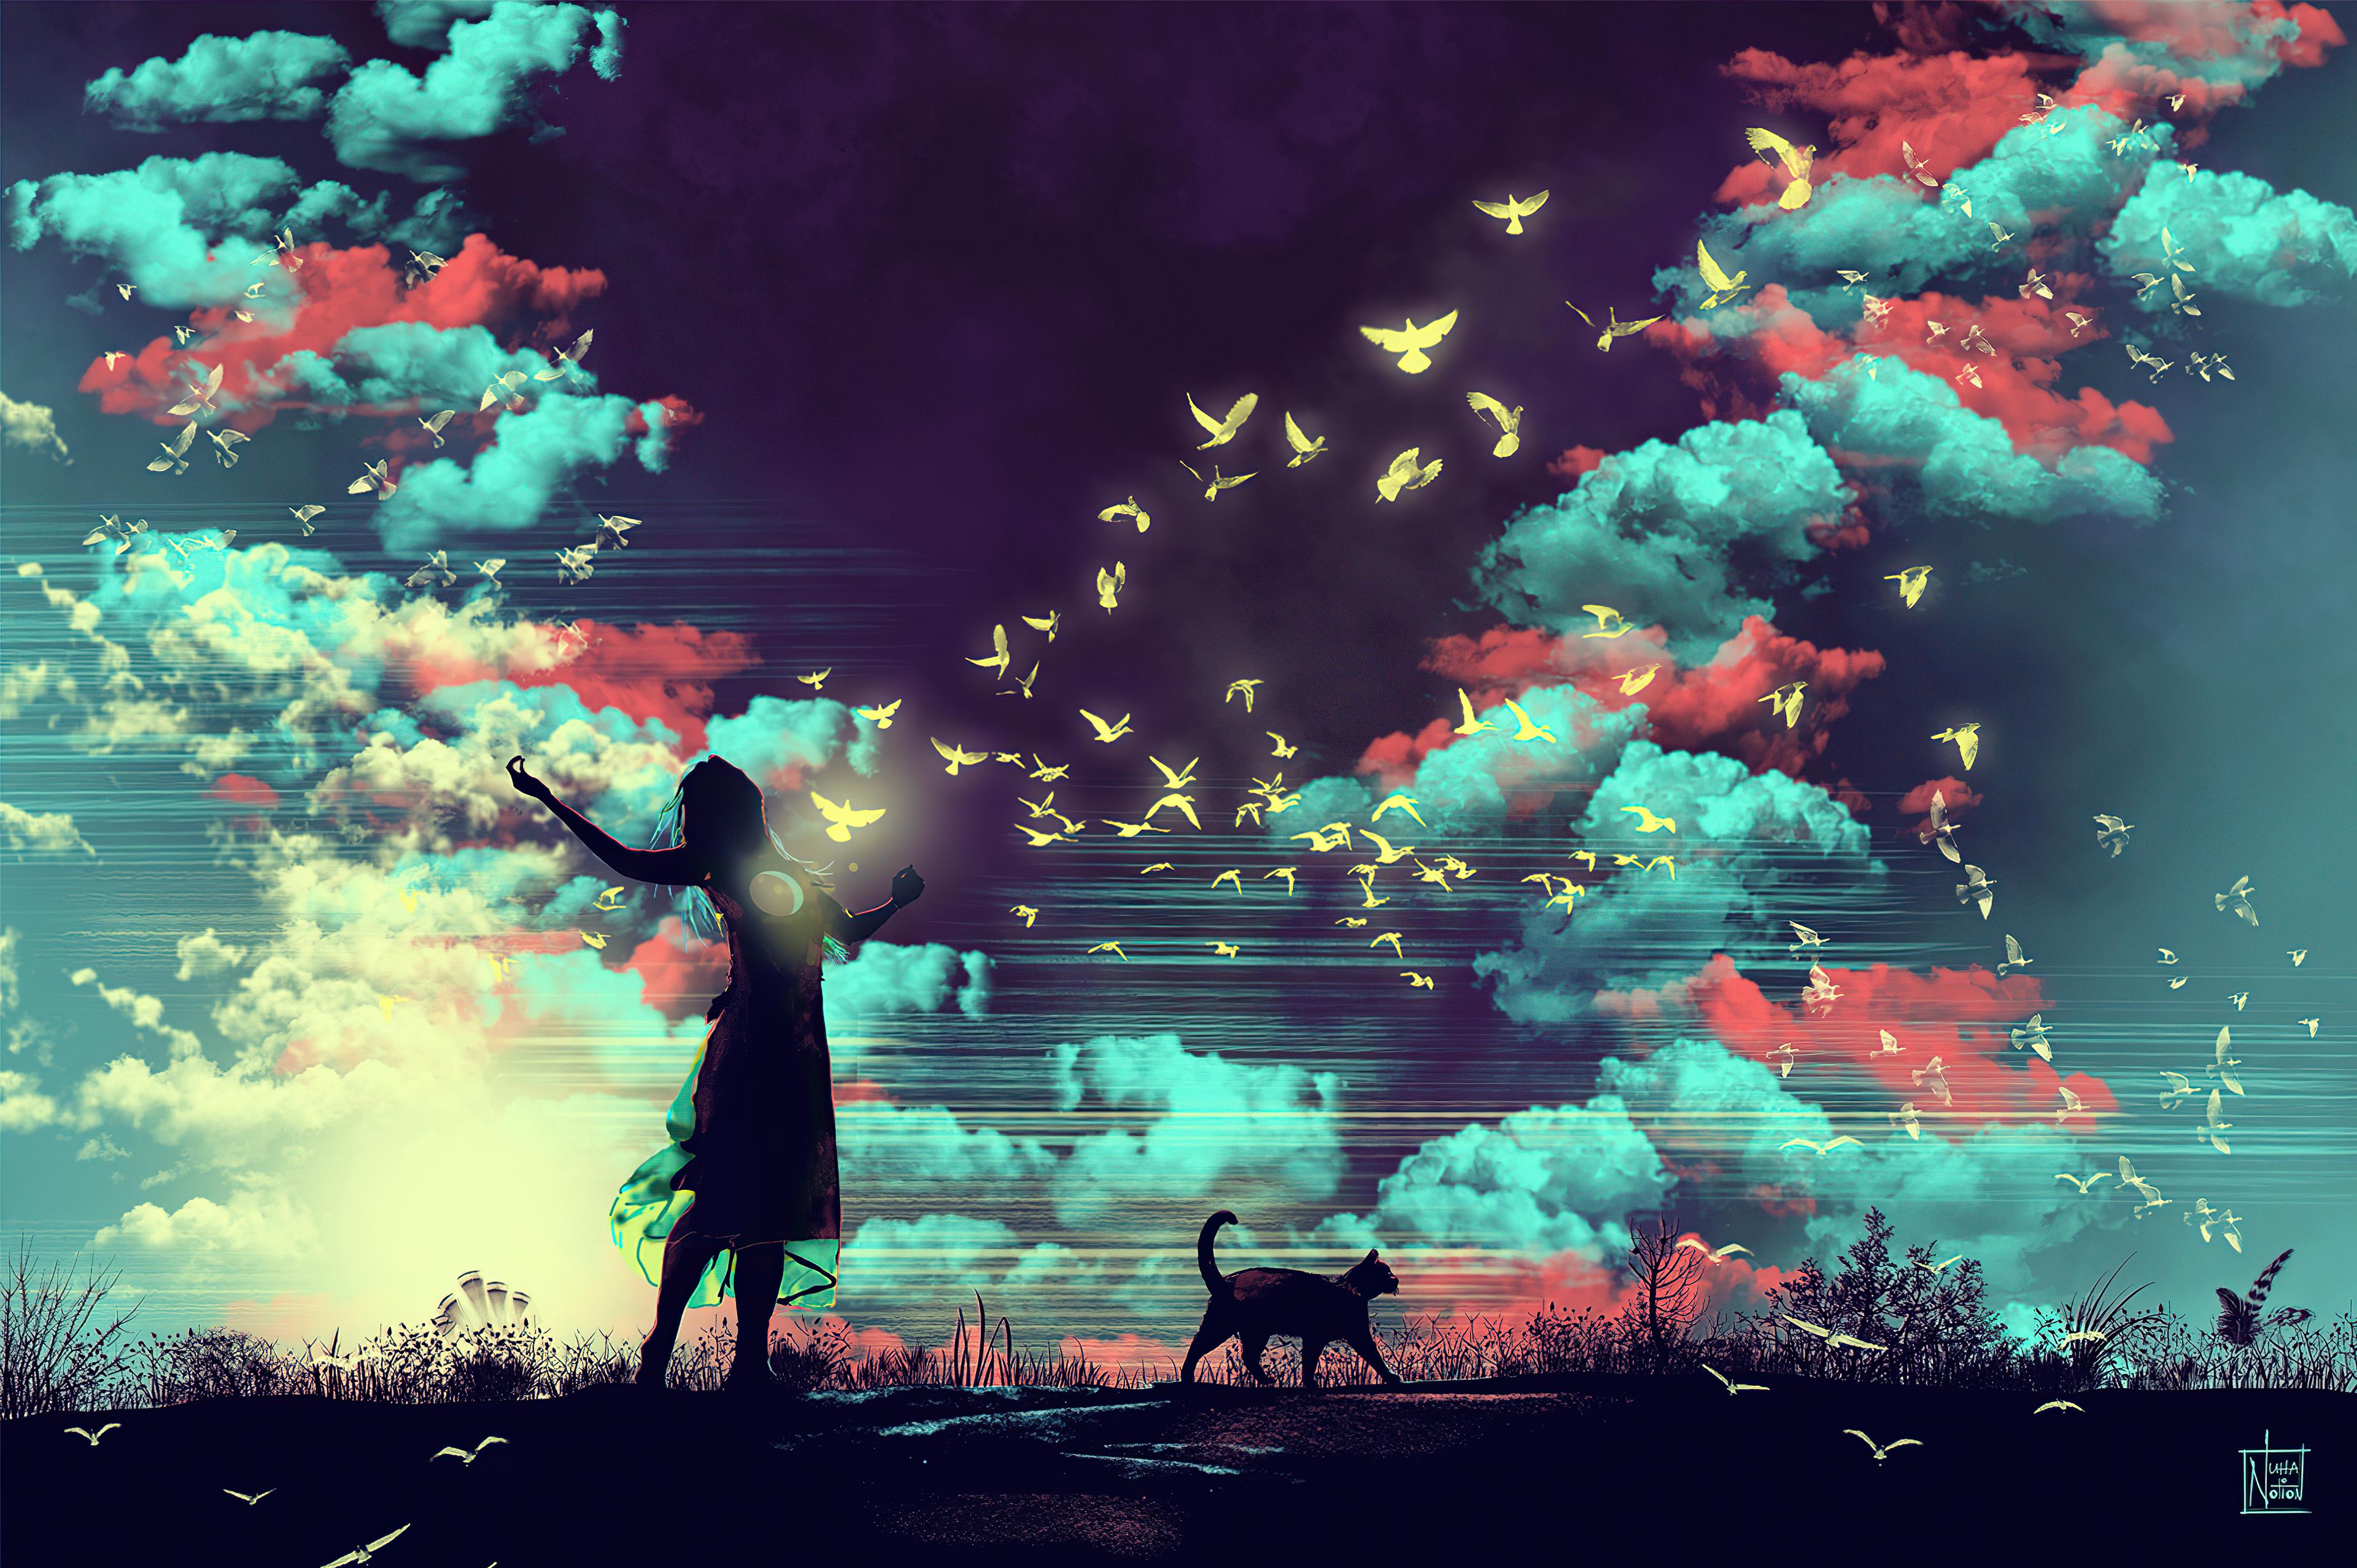 soul of a bird 4k 1608581672 - Soul Of A Bird 4k - Soul Of A Bird 4k wallpapers